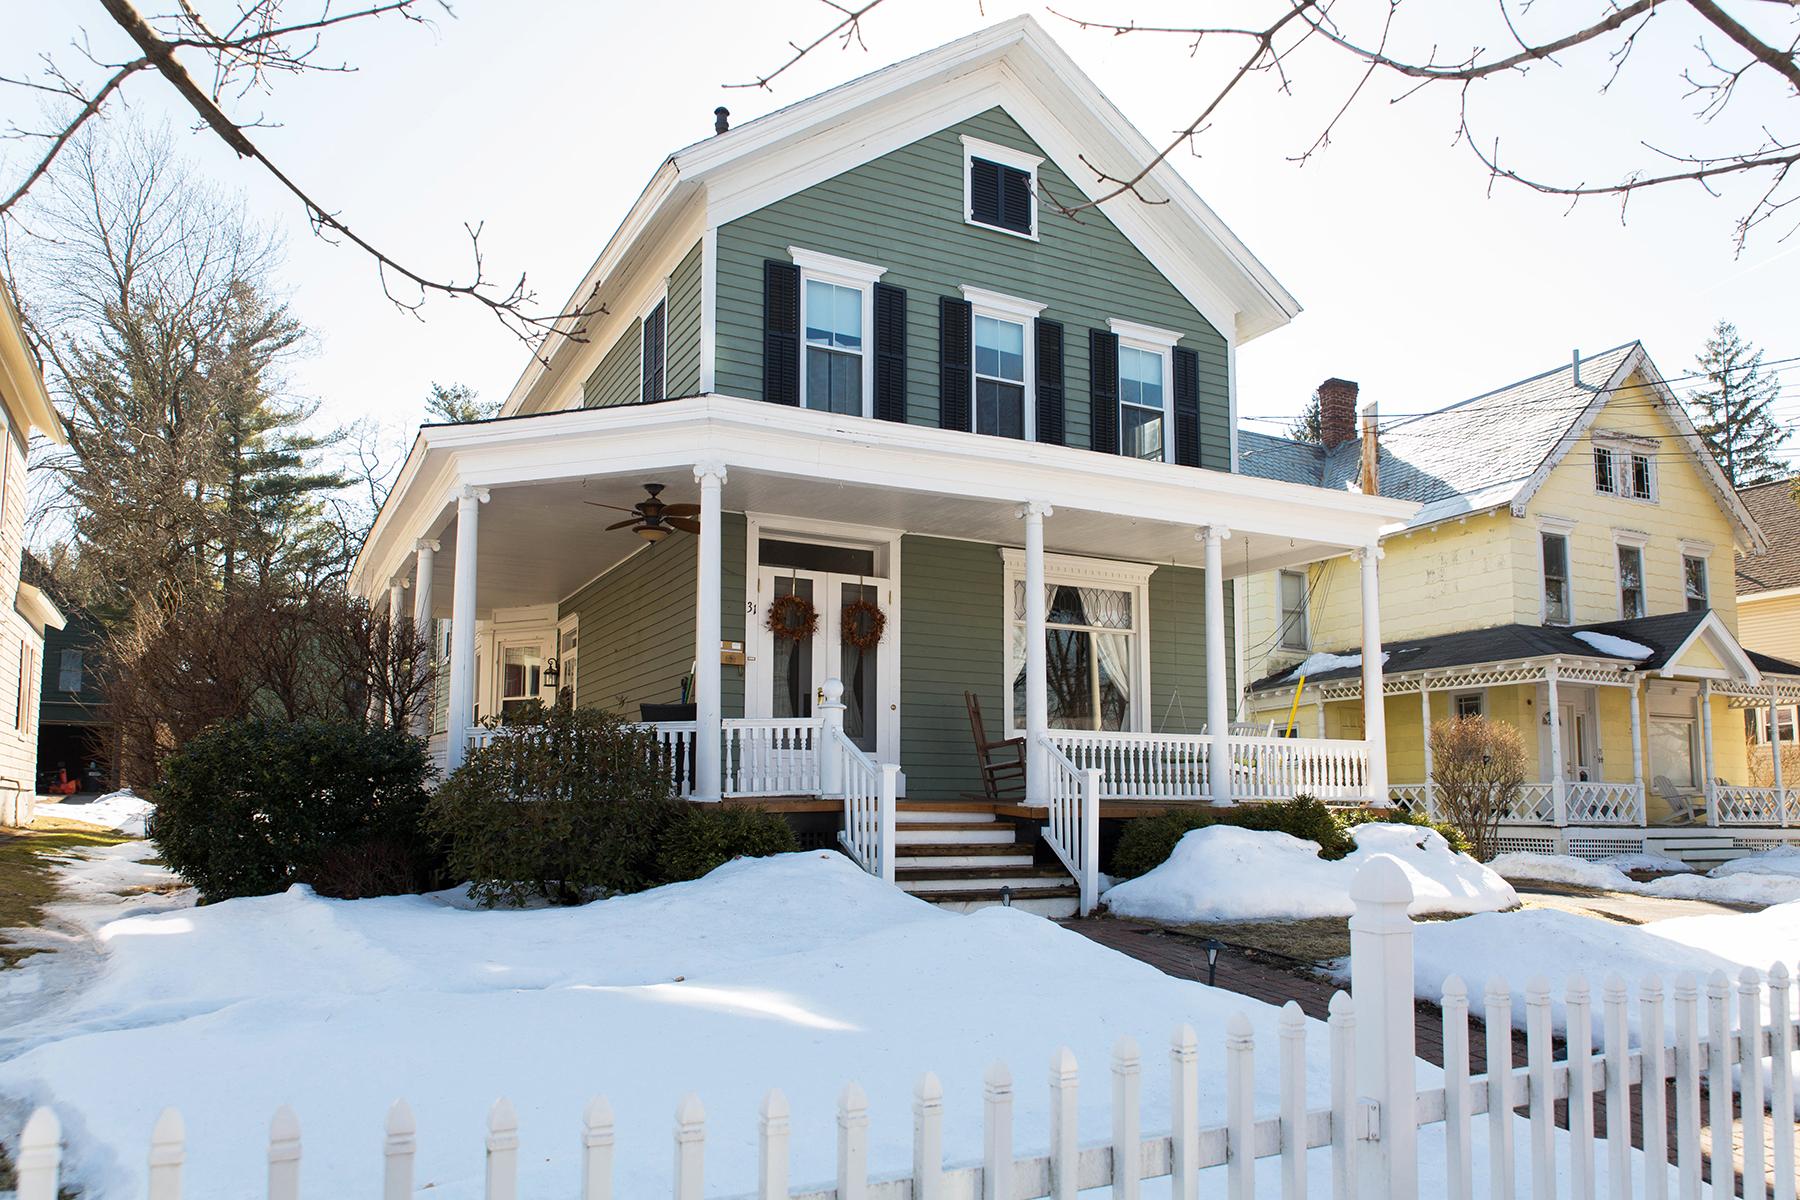 独户住宅 为 销售 在 1890's Victorian Classic 31 Mcmaster St 巴尔斯顿, 纽约州 12020 美国